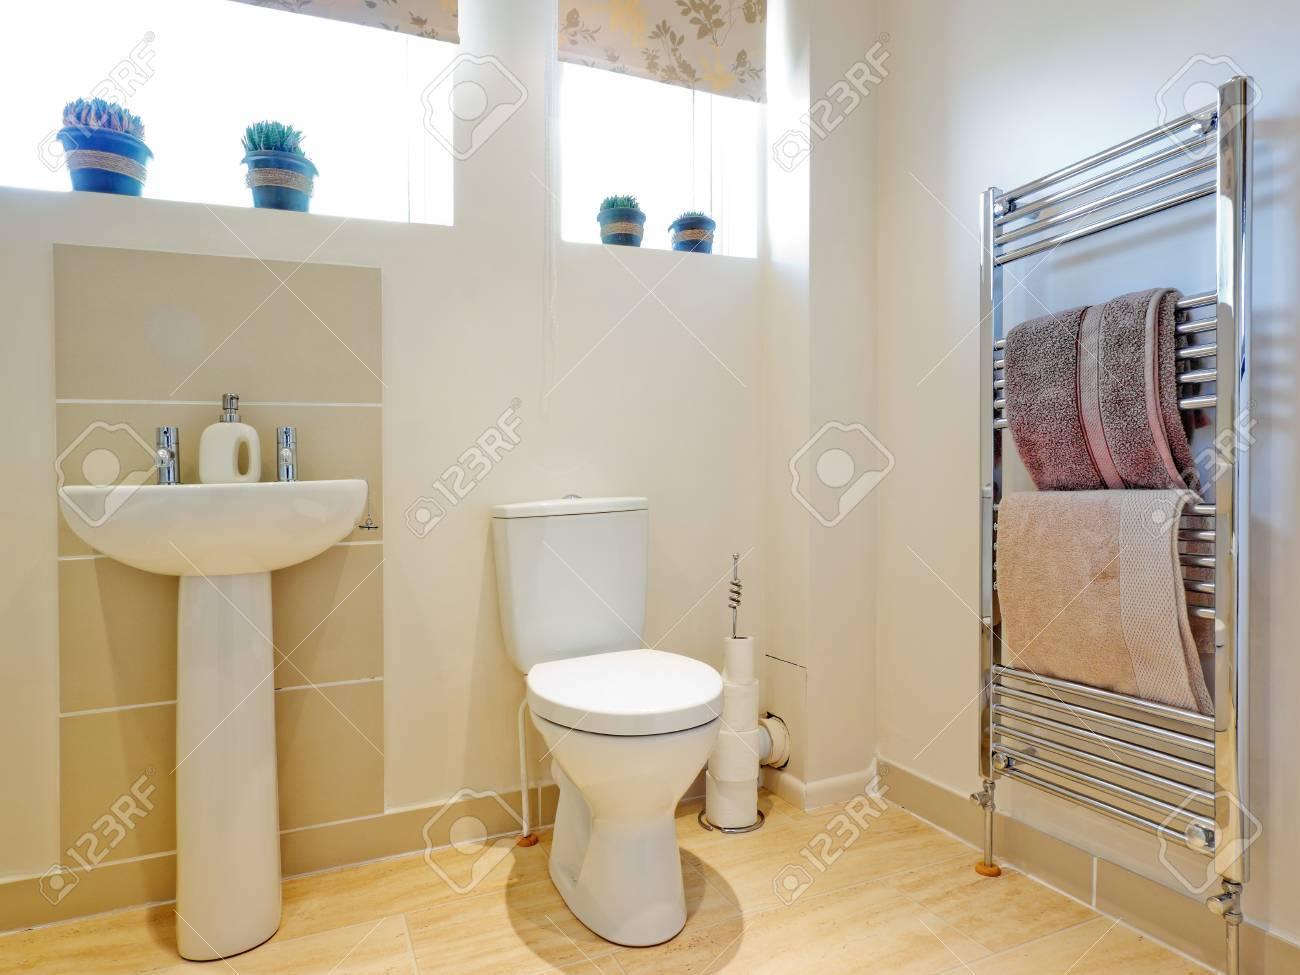 bathroom Stock Photo - 9551741